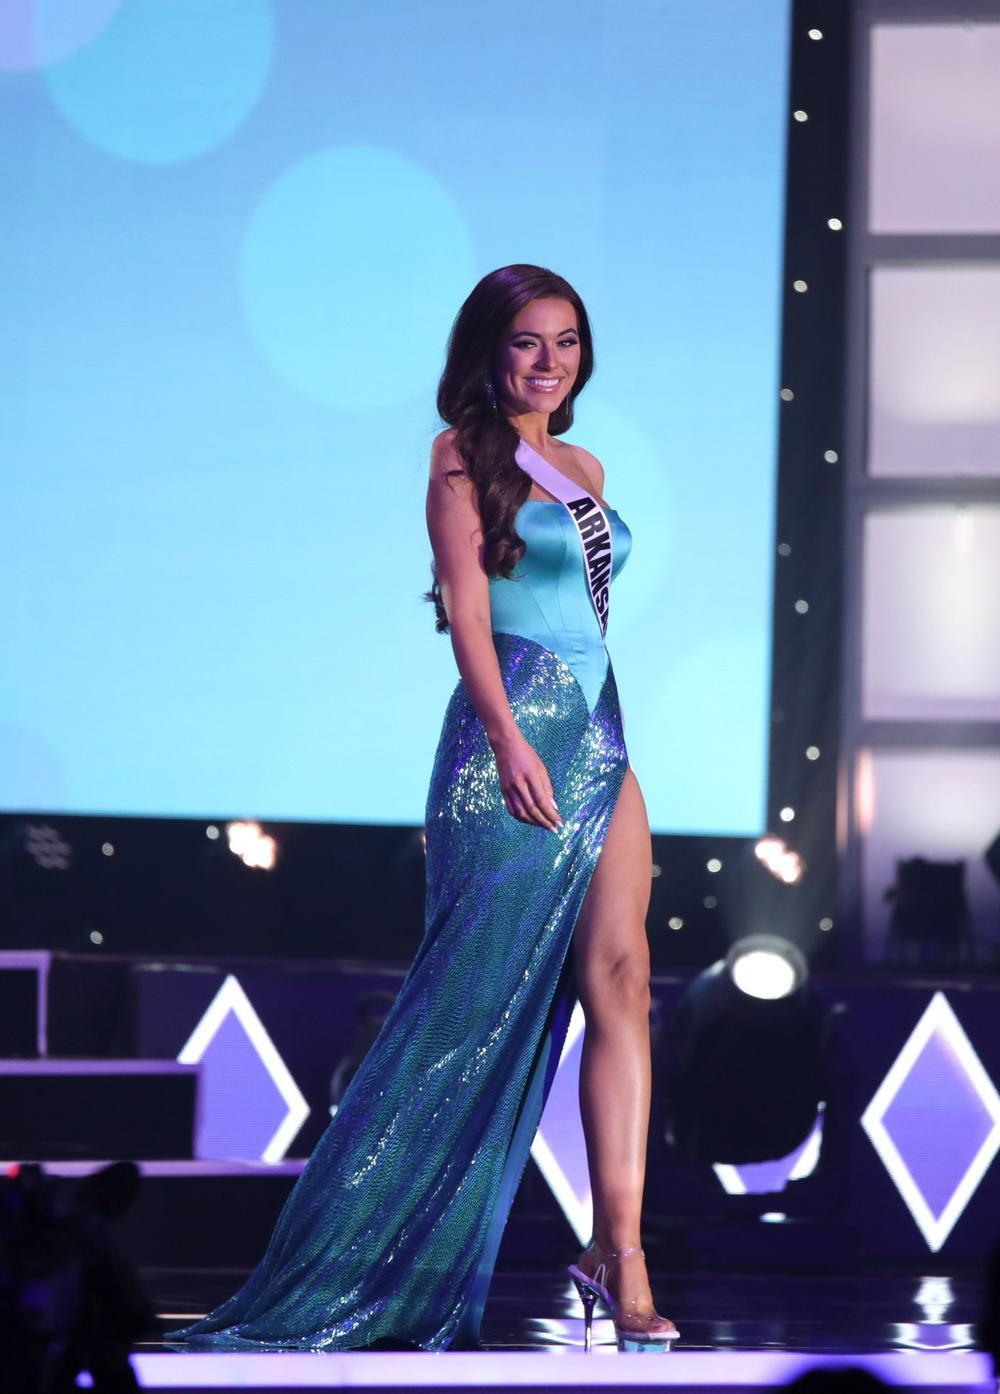 Thí sinh Miss USA mặc lạc quẻ giống Kiều Loan, đạo nhái váy Hoàng Thùy trong phần thi dạ hội Ảnh 16